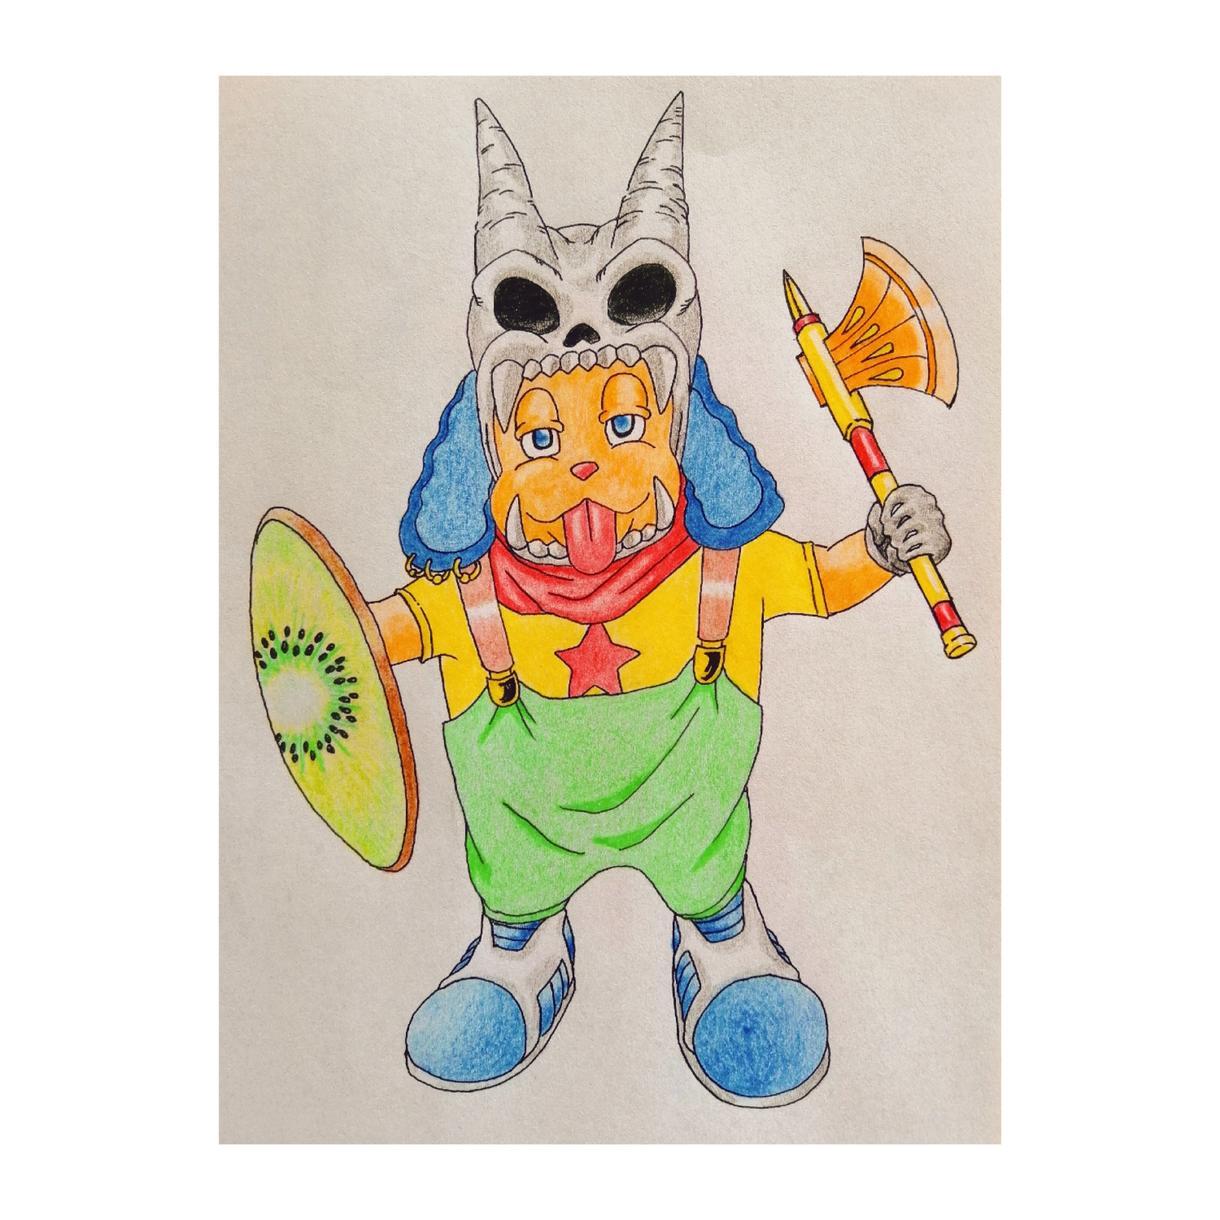 起業・開業・看板等にキャラクターを提供致します 全て手描きでオリジナルキャラクター・ロゴをデザイン致します。